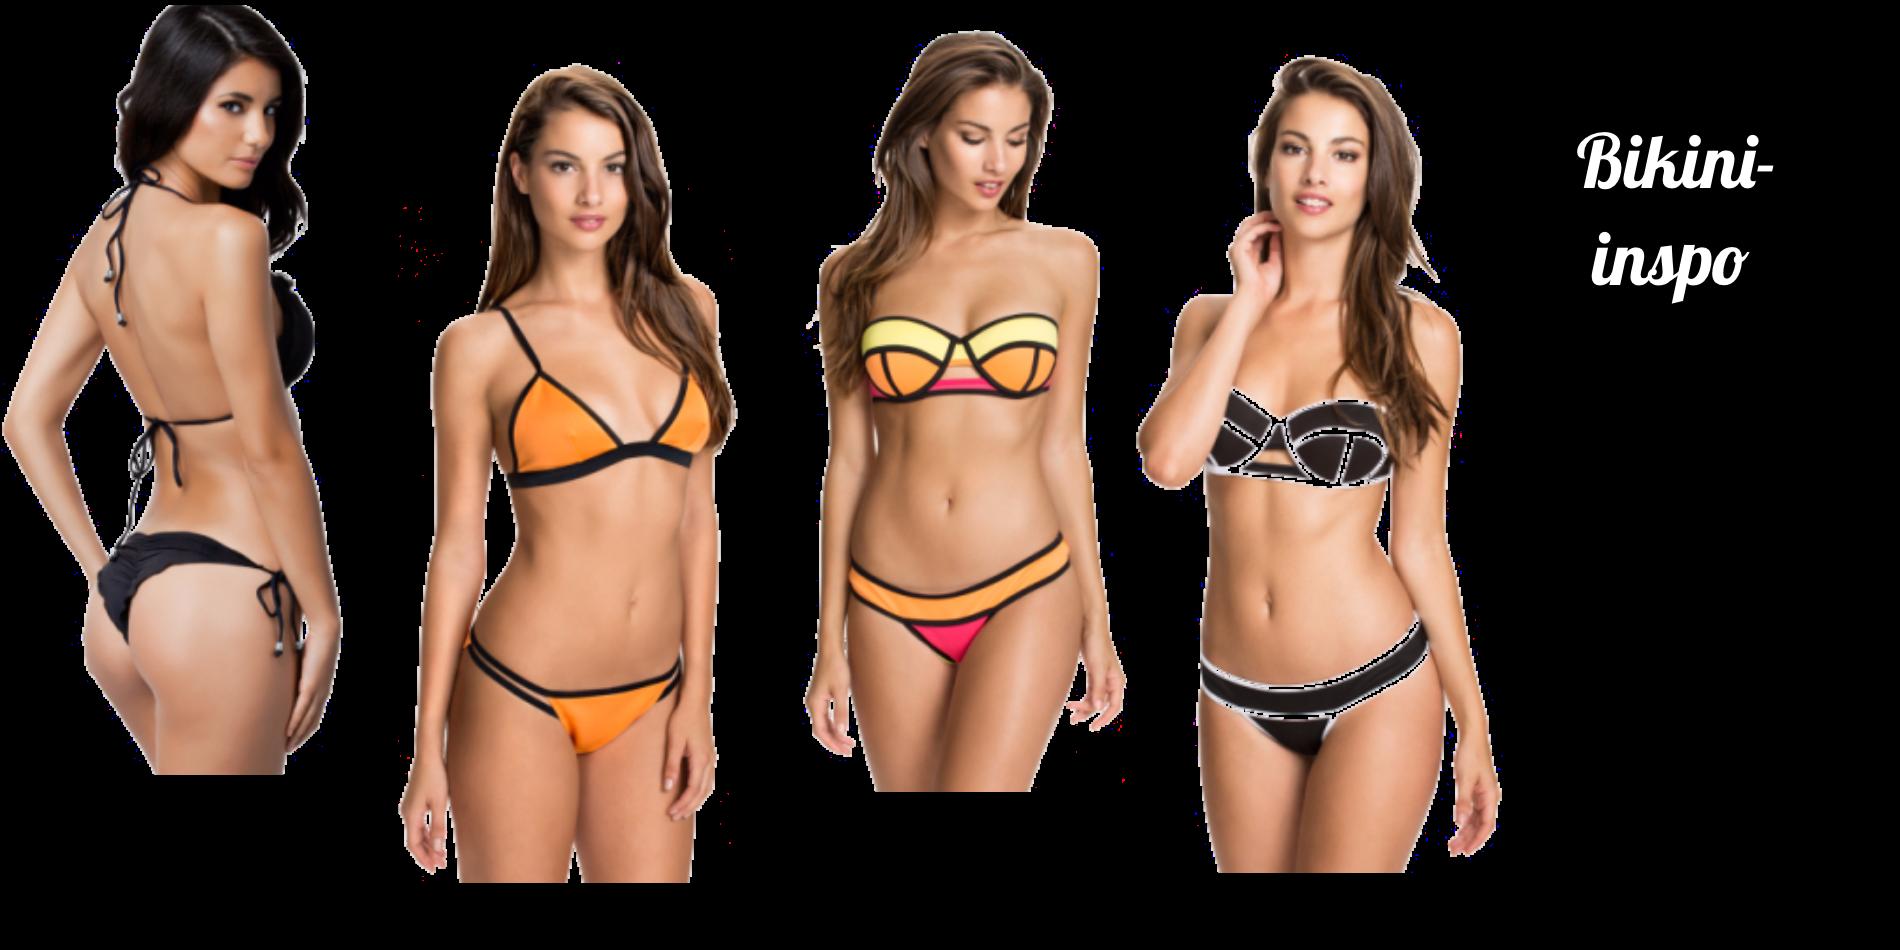 bikinis jag vill ha